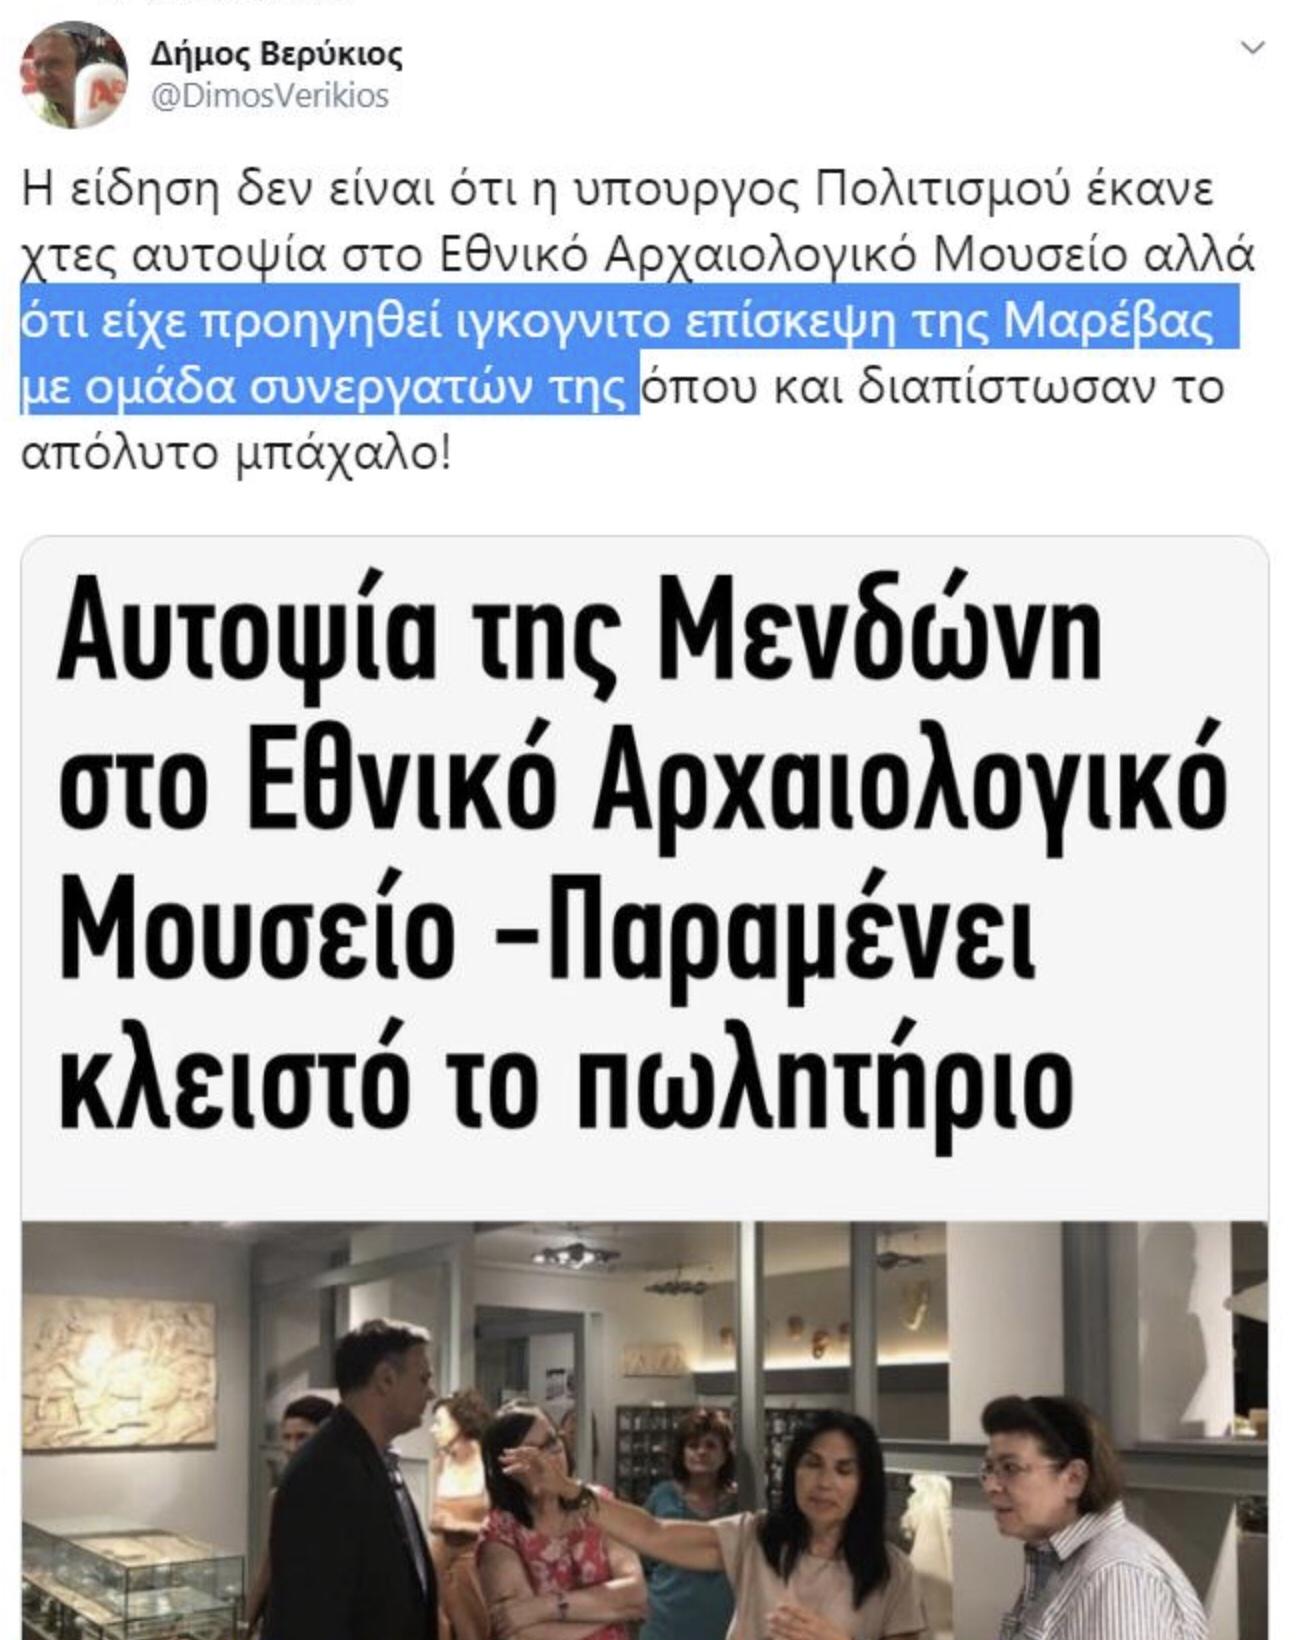 Που ήταν η υπουργός; Έπρεπε να πάει η Μαρέβα στο μουσείο για να δει το χάλι;